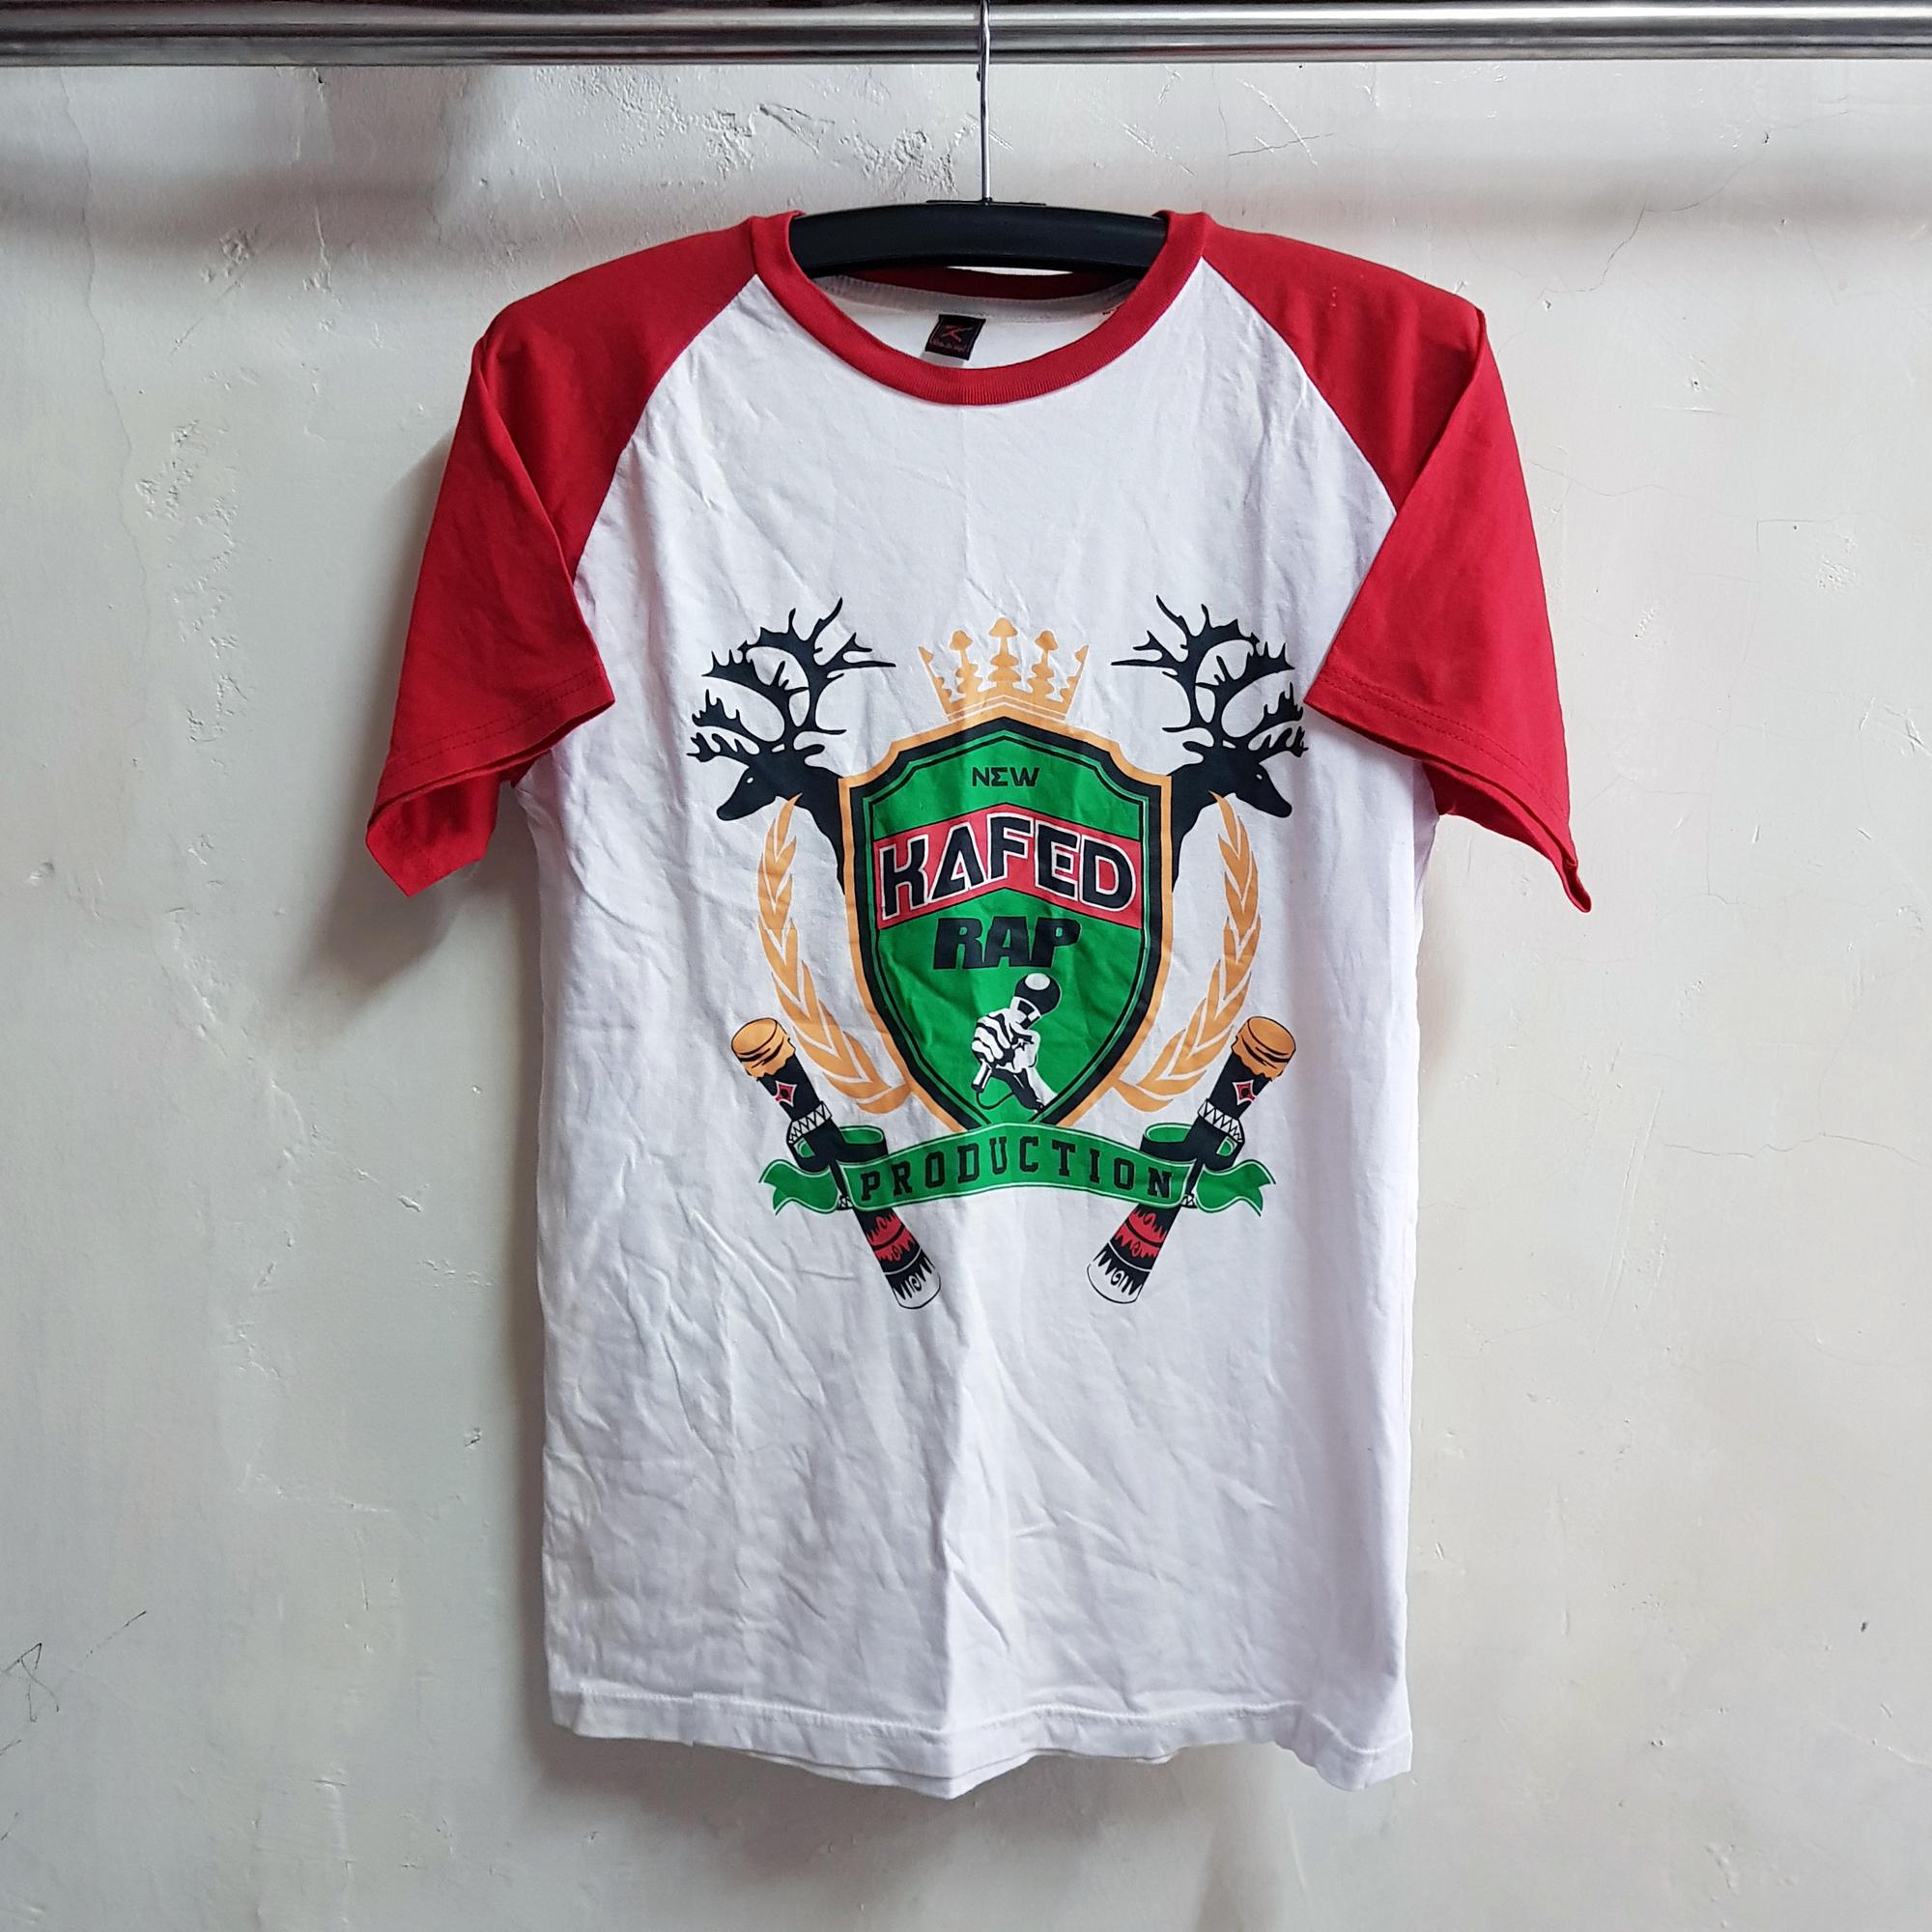 T-Shirt Raglan Lengan Pendek, Kafed